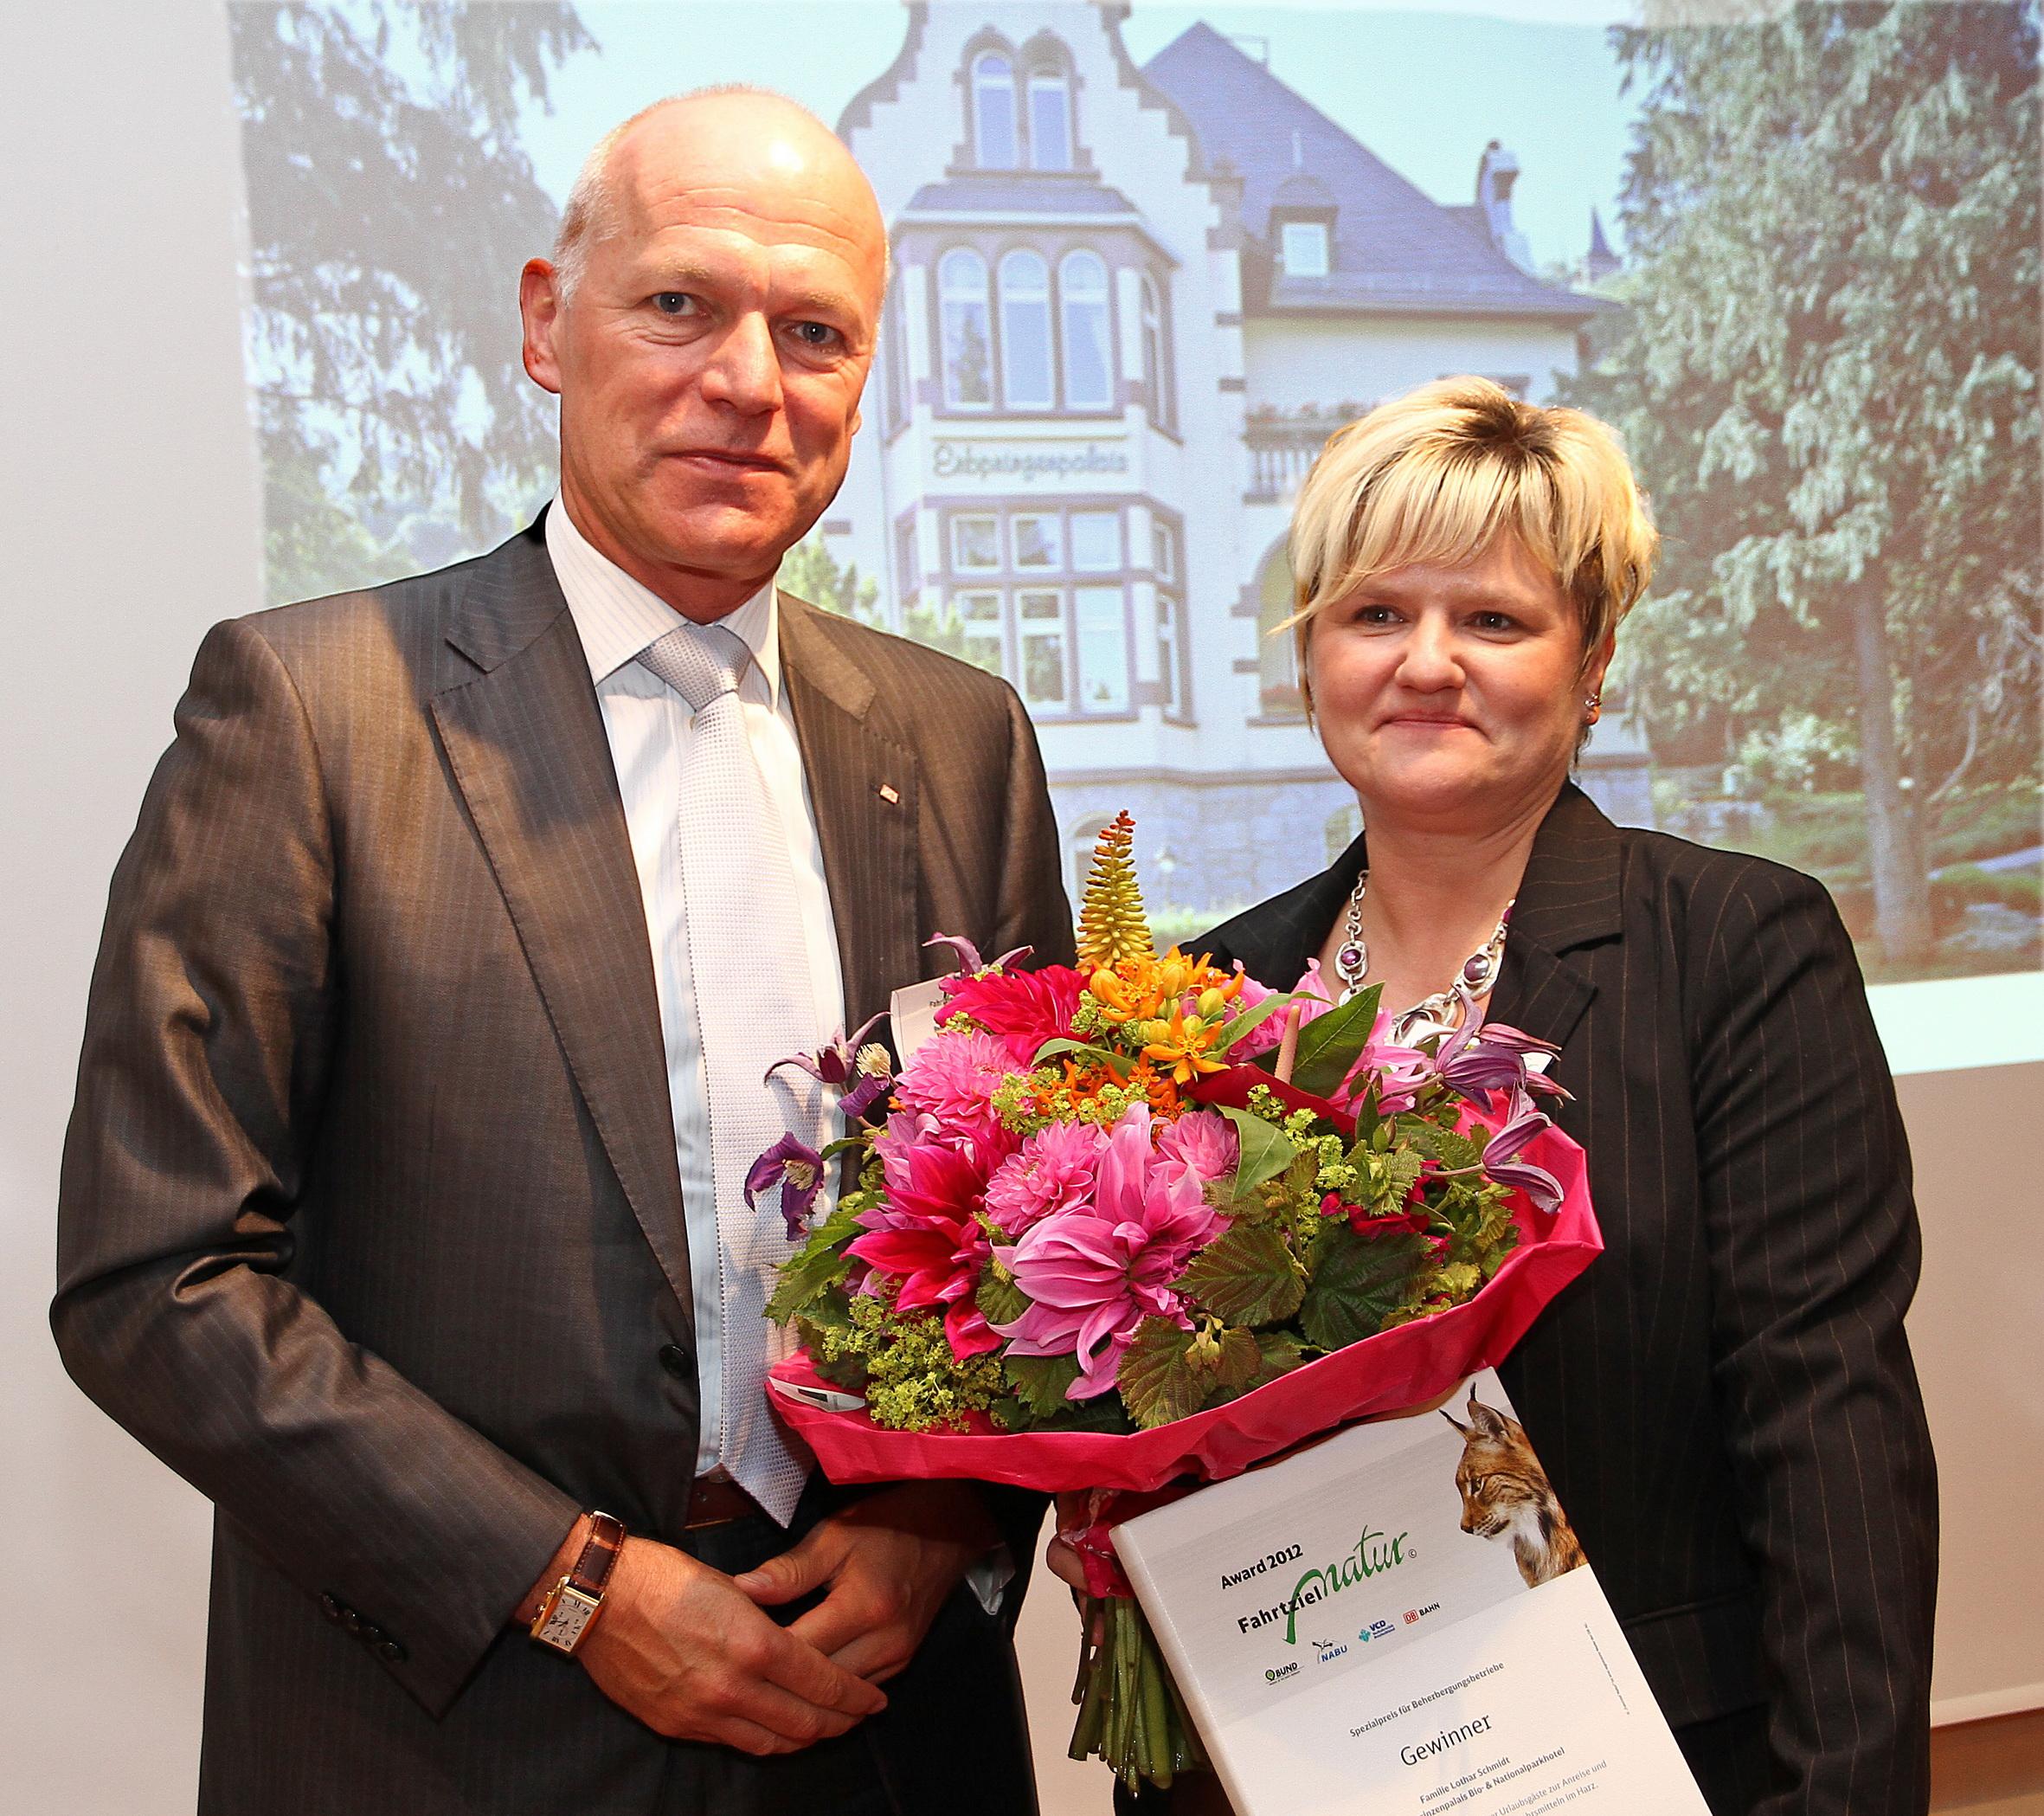 Nationalpark-Partner aus dem Harz gewinnt diesjährigen Spezialpreis beim Fahrtziel Natur-Award der Deutschen Bahn